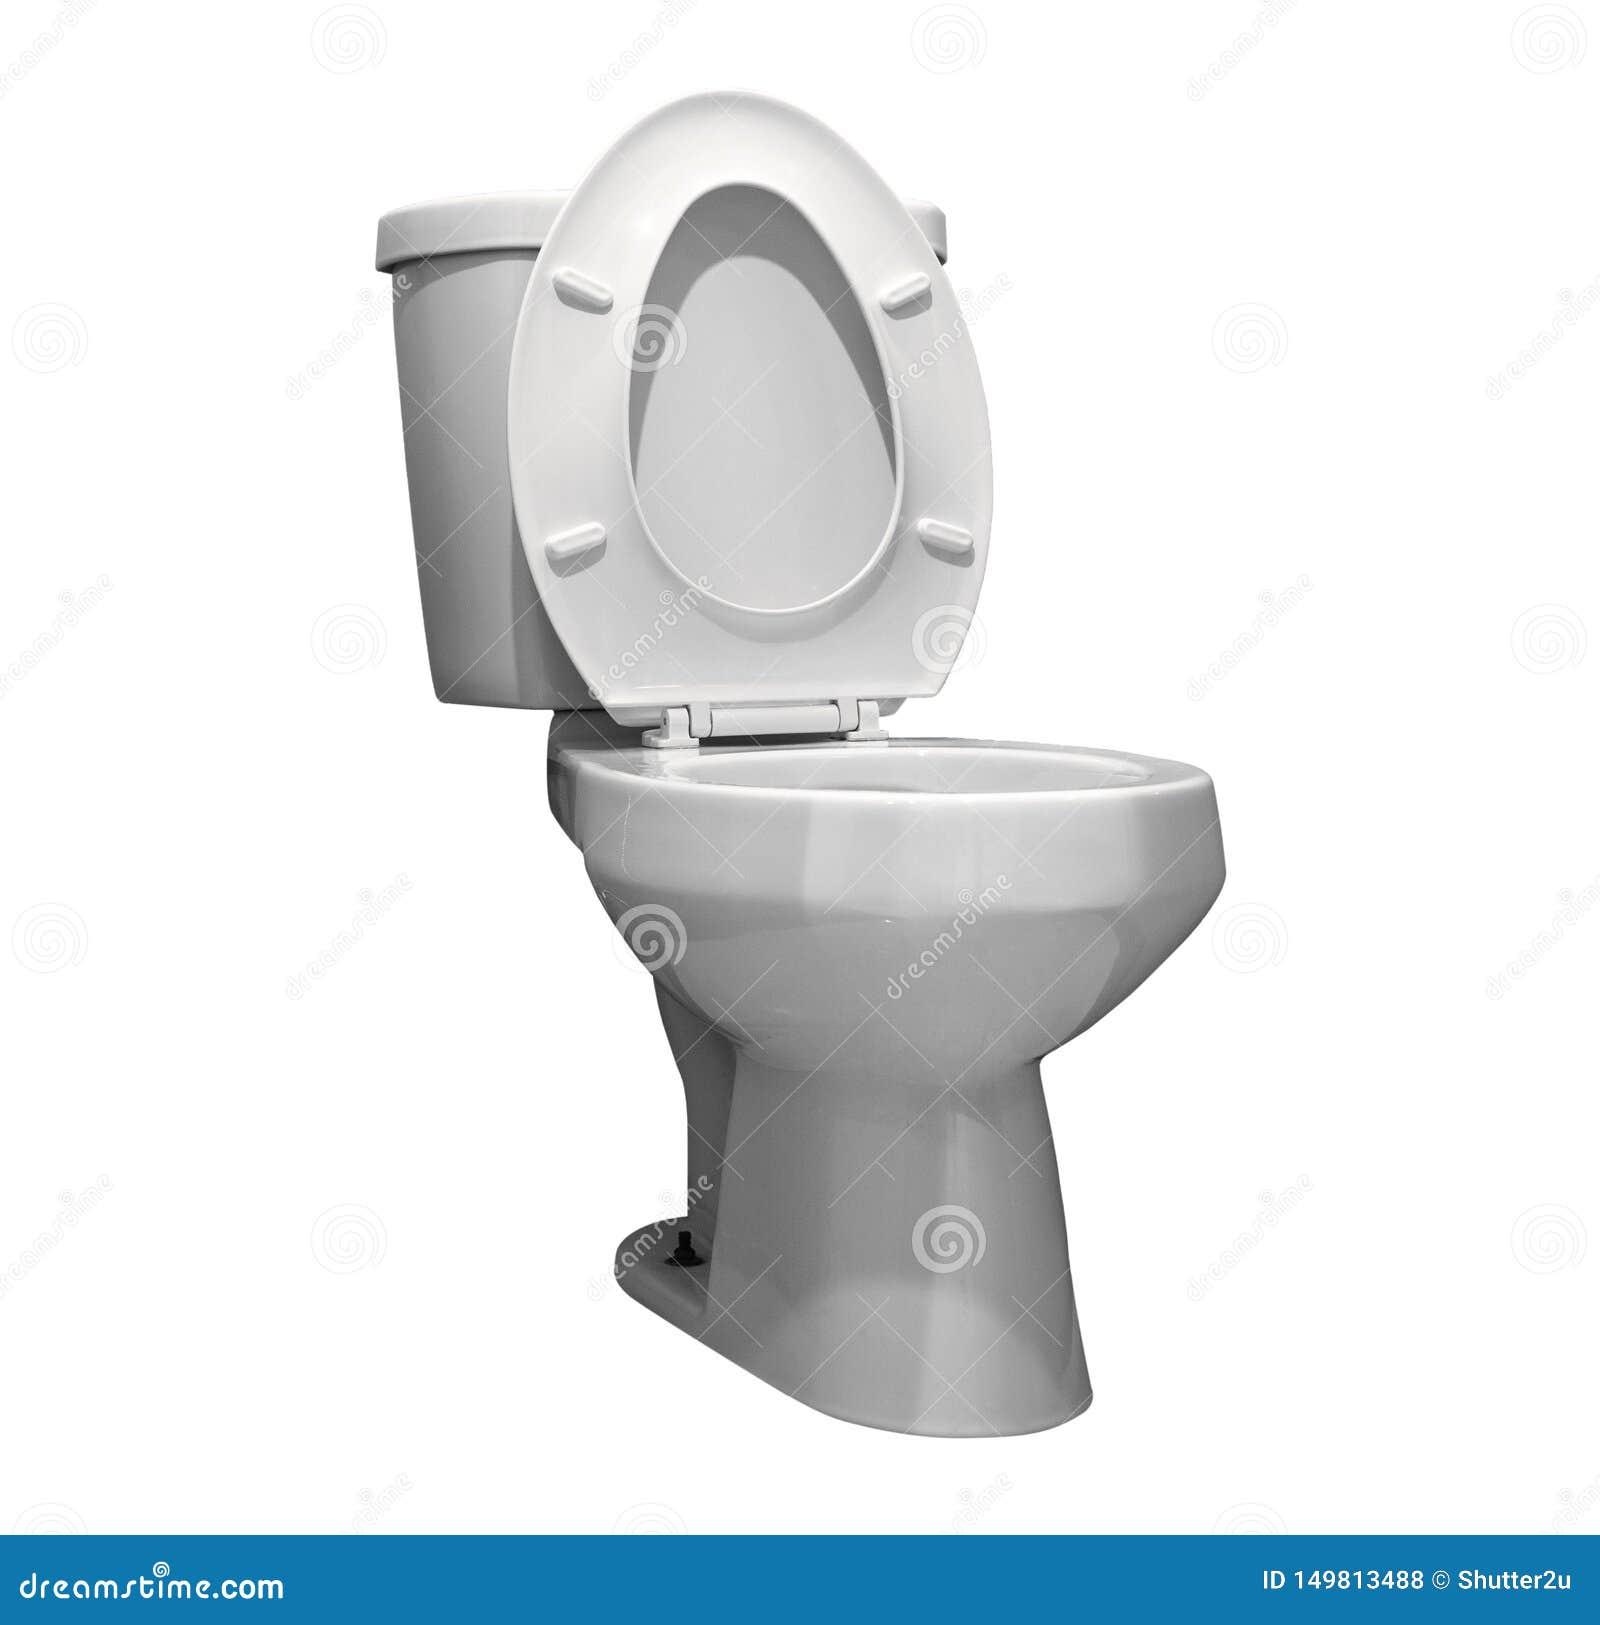 Fondo bianco isolato toilette con il percorso di ritaglio Tema della toilette Percorso di ritaglio